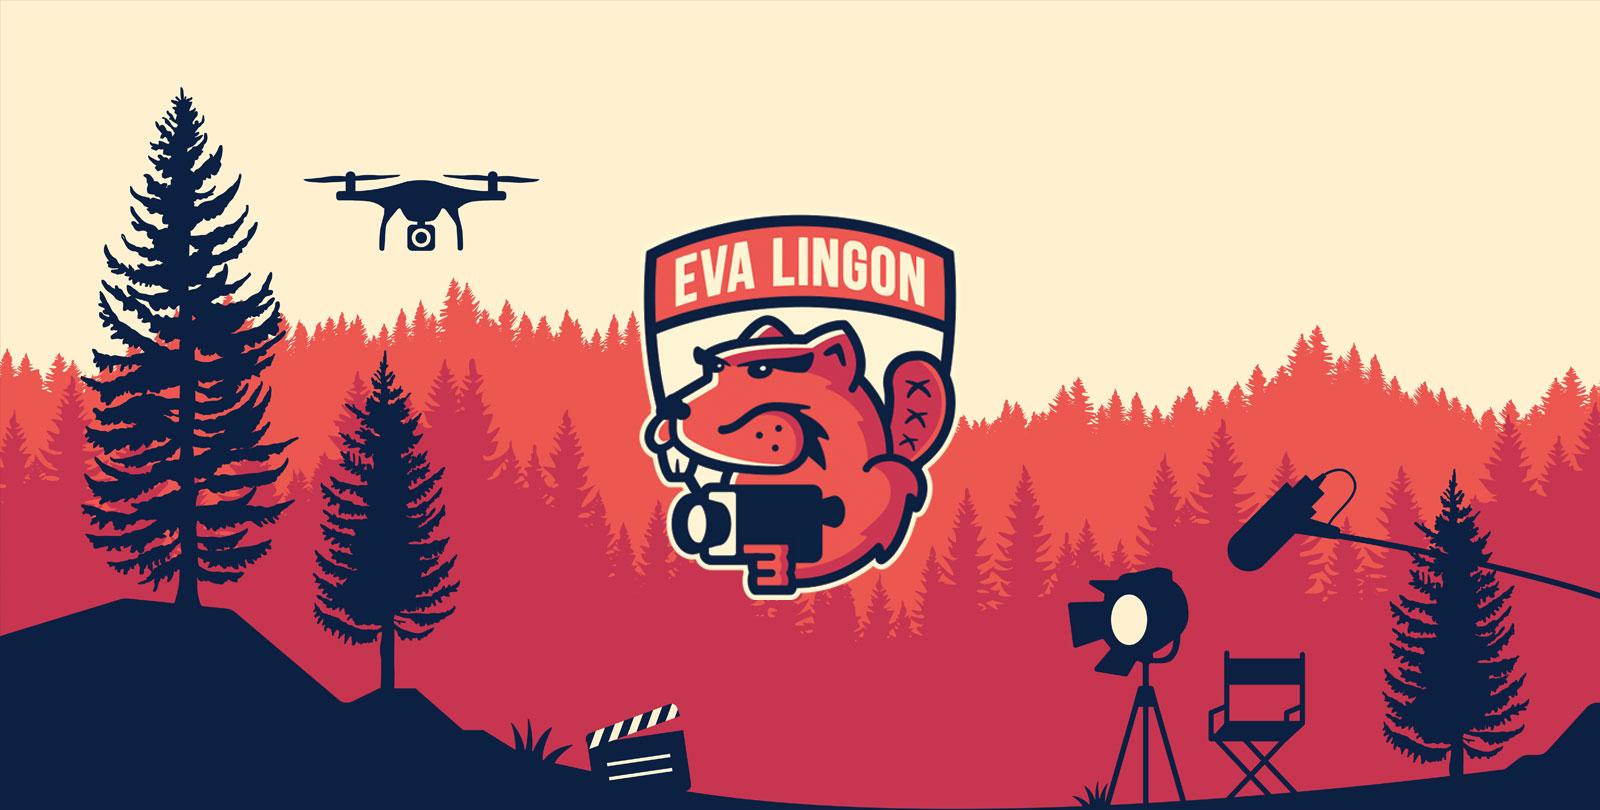 Eva Lingon Hero image desktop